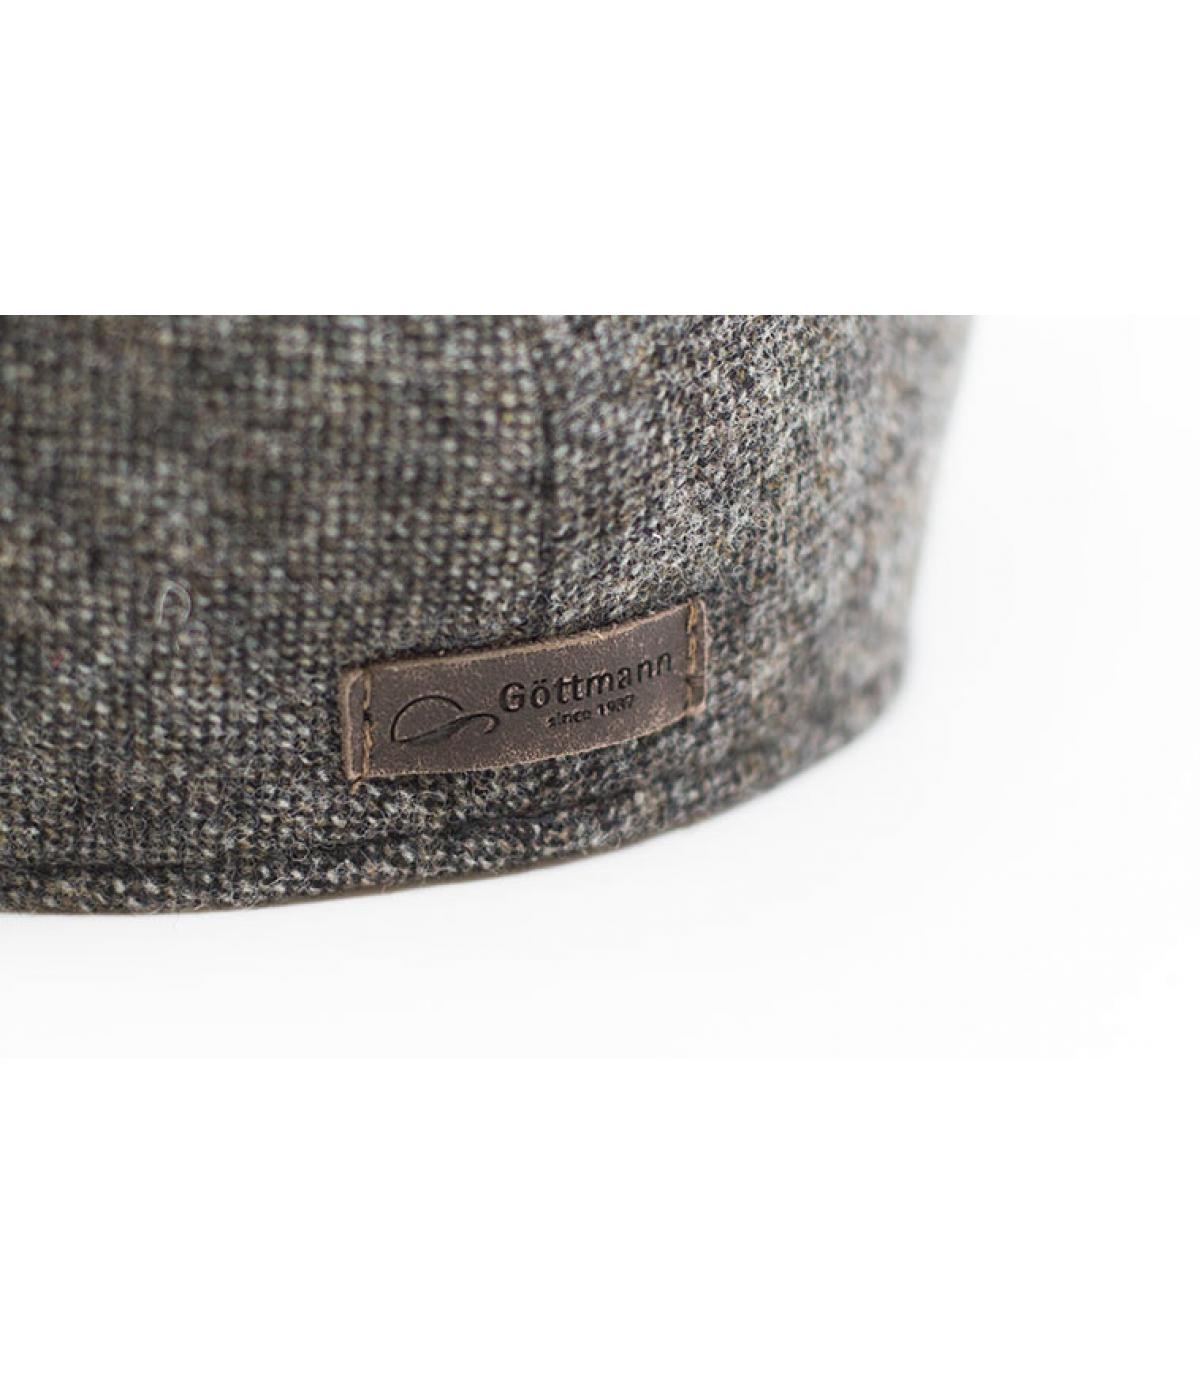 Details Oxford Wolle braun - Abbildung 3